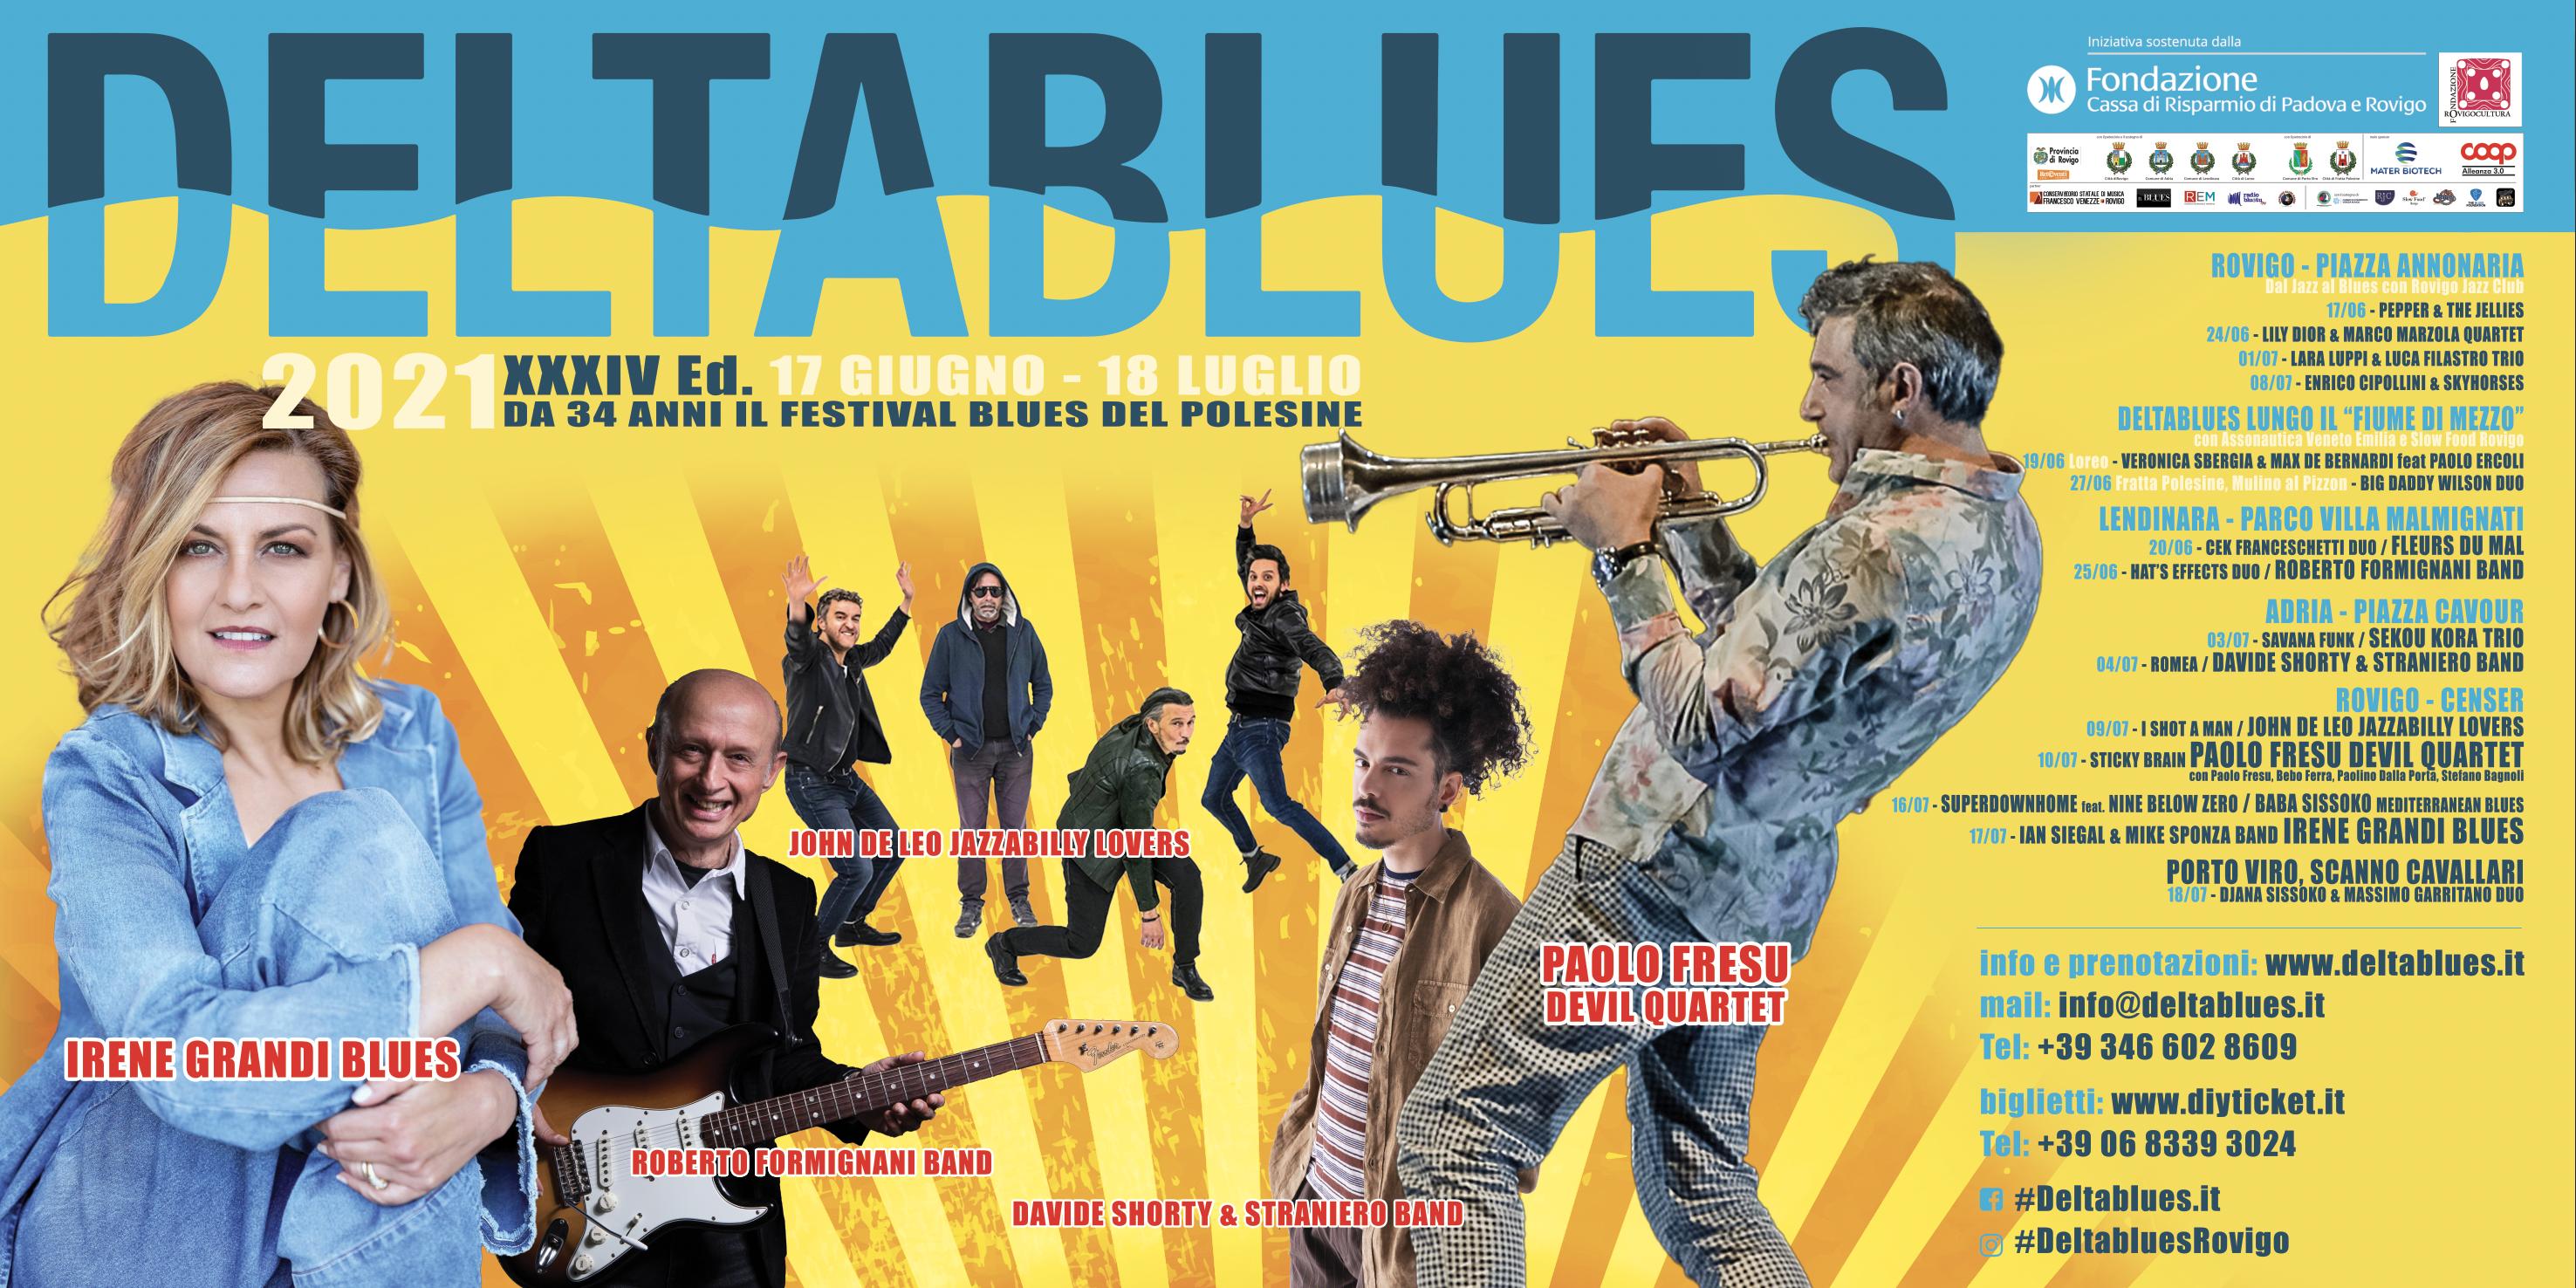 Deltablues 2021, secondo week-end del Festival all'insegna del Blues e del Soul